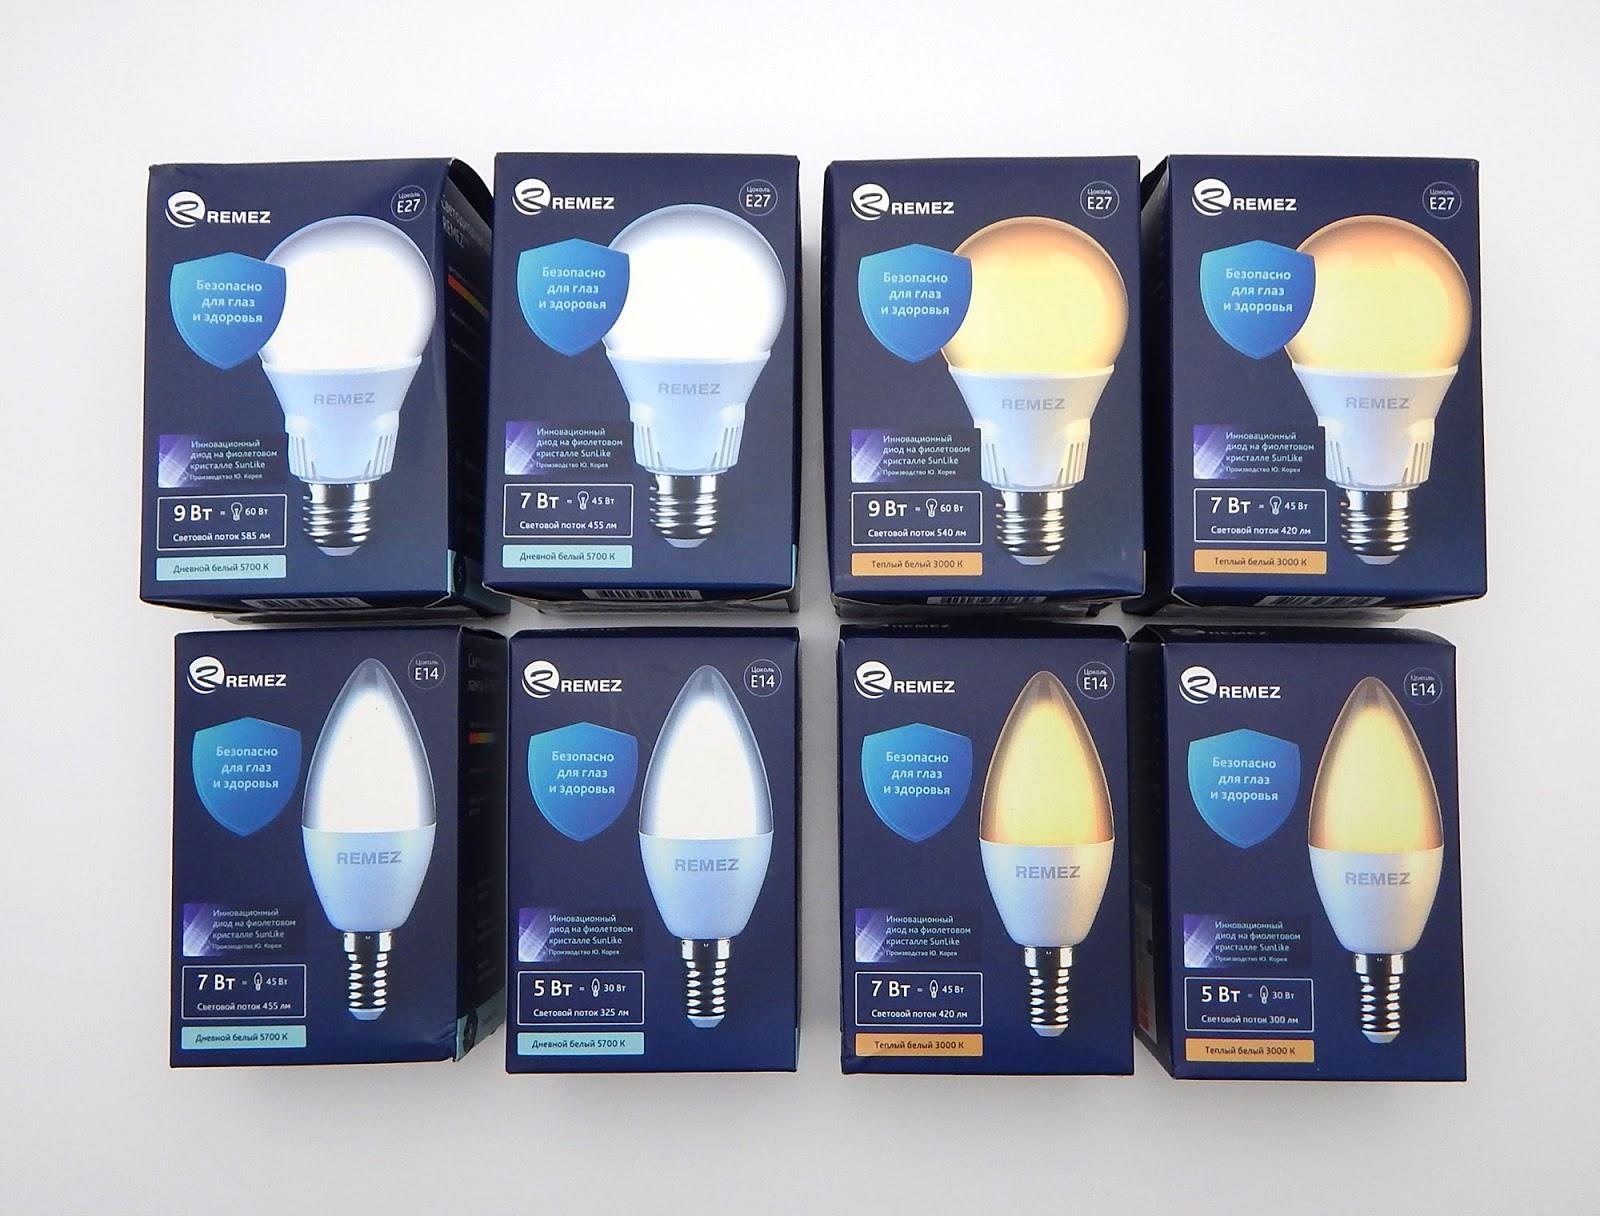 Обзор светодиодных ламп Remez E27 и E14 на корейских светодиодах нового поколения - 1